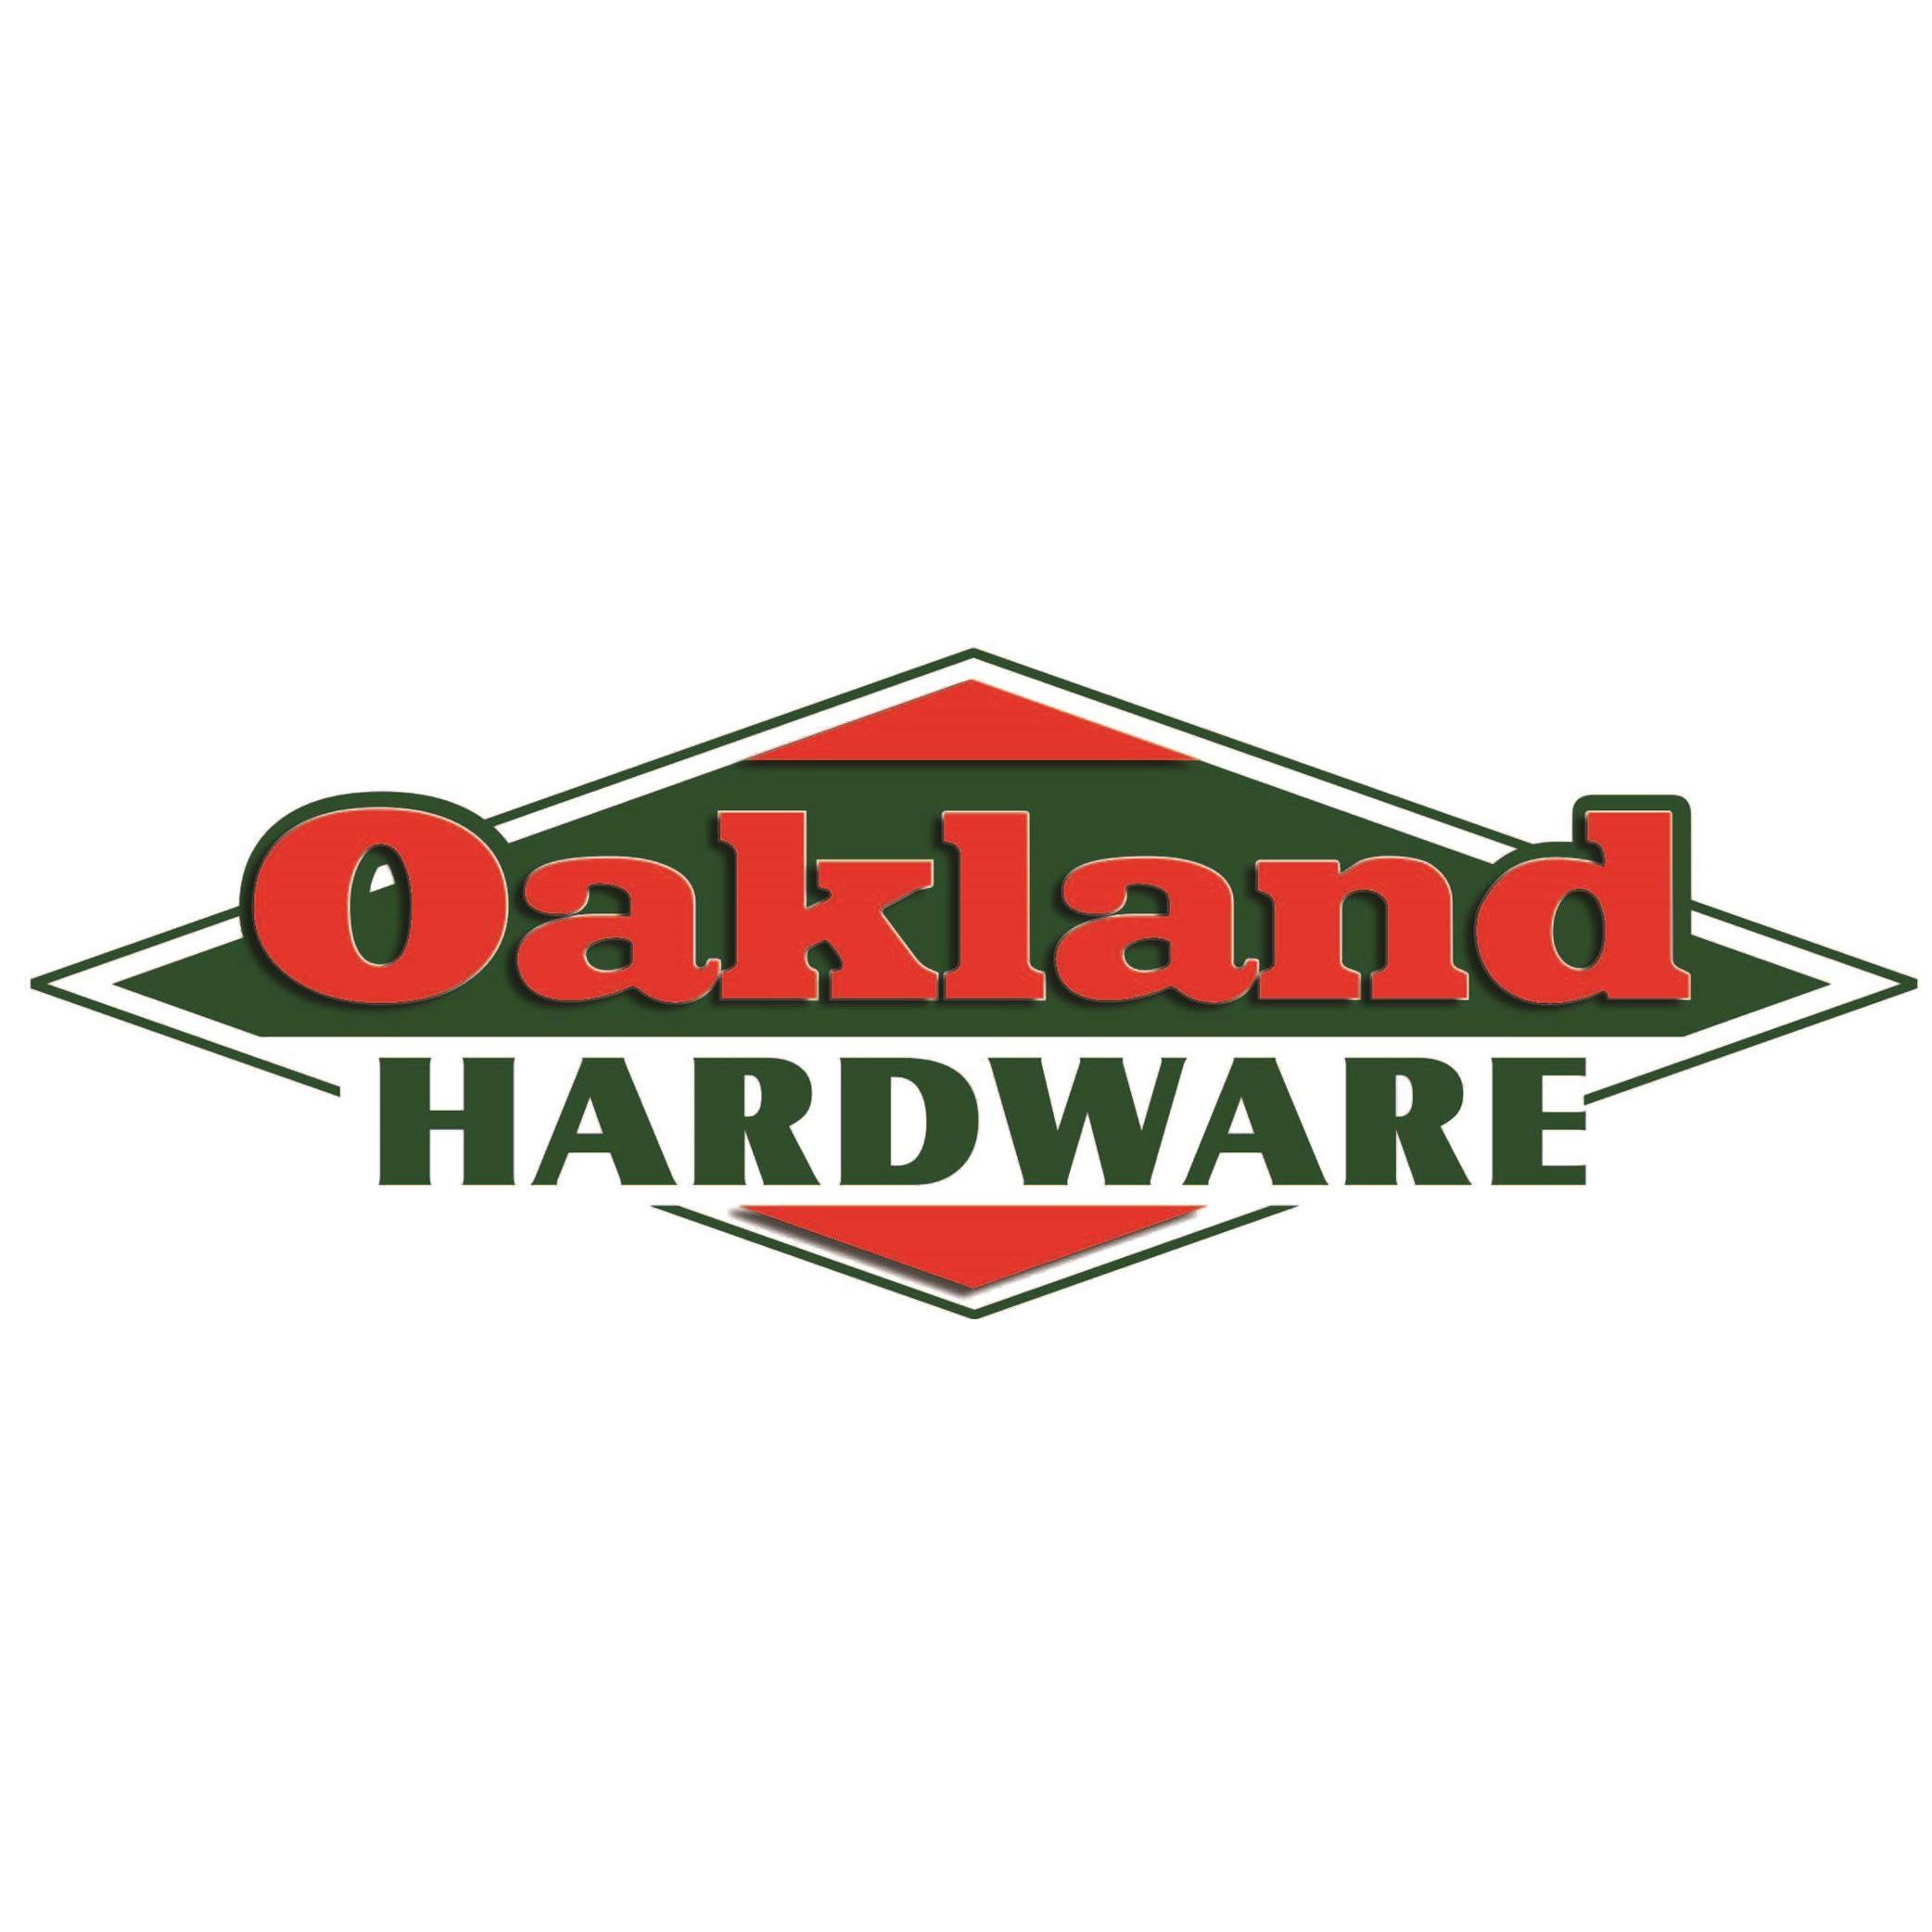 Oakland Hardware